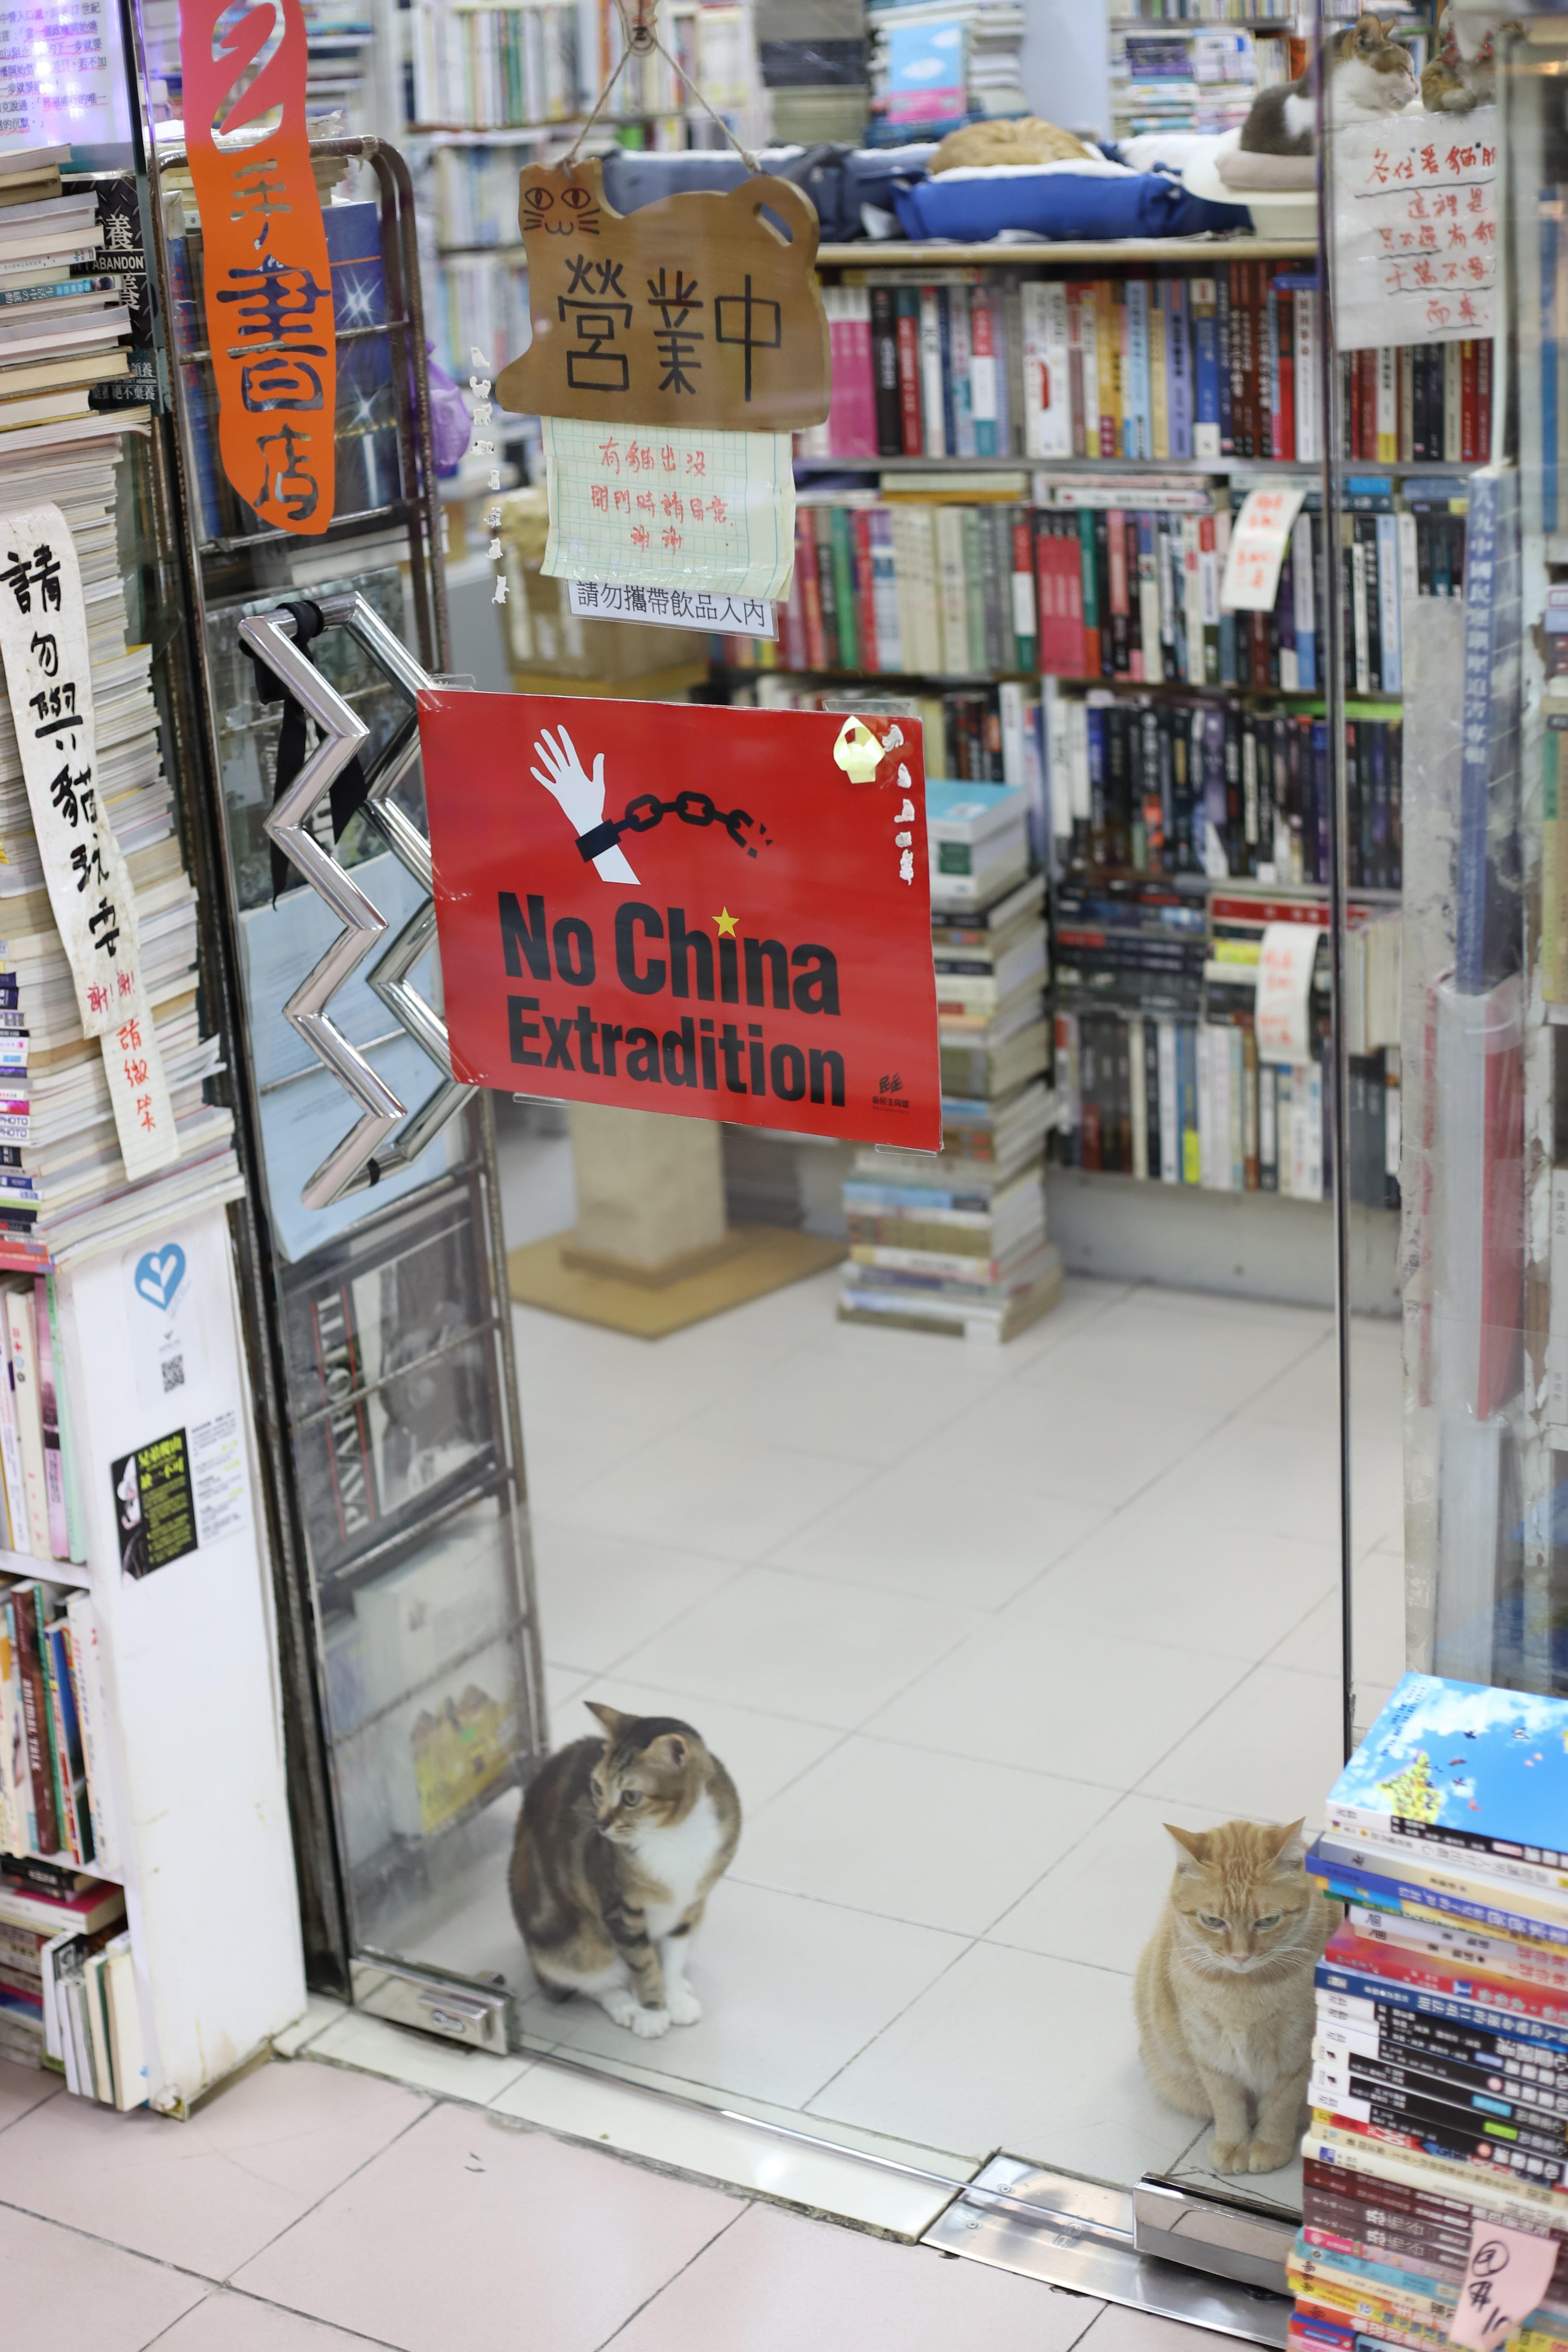 """Imagem de uma porta na qual está colado um adesivo em que está escrito """"No China Extradition"""" (Não a extradição para a China)."""